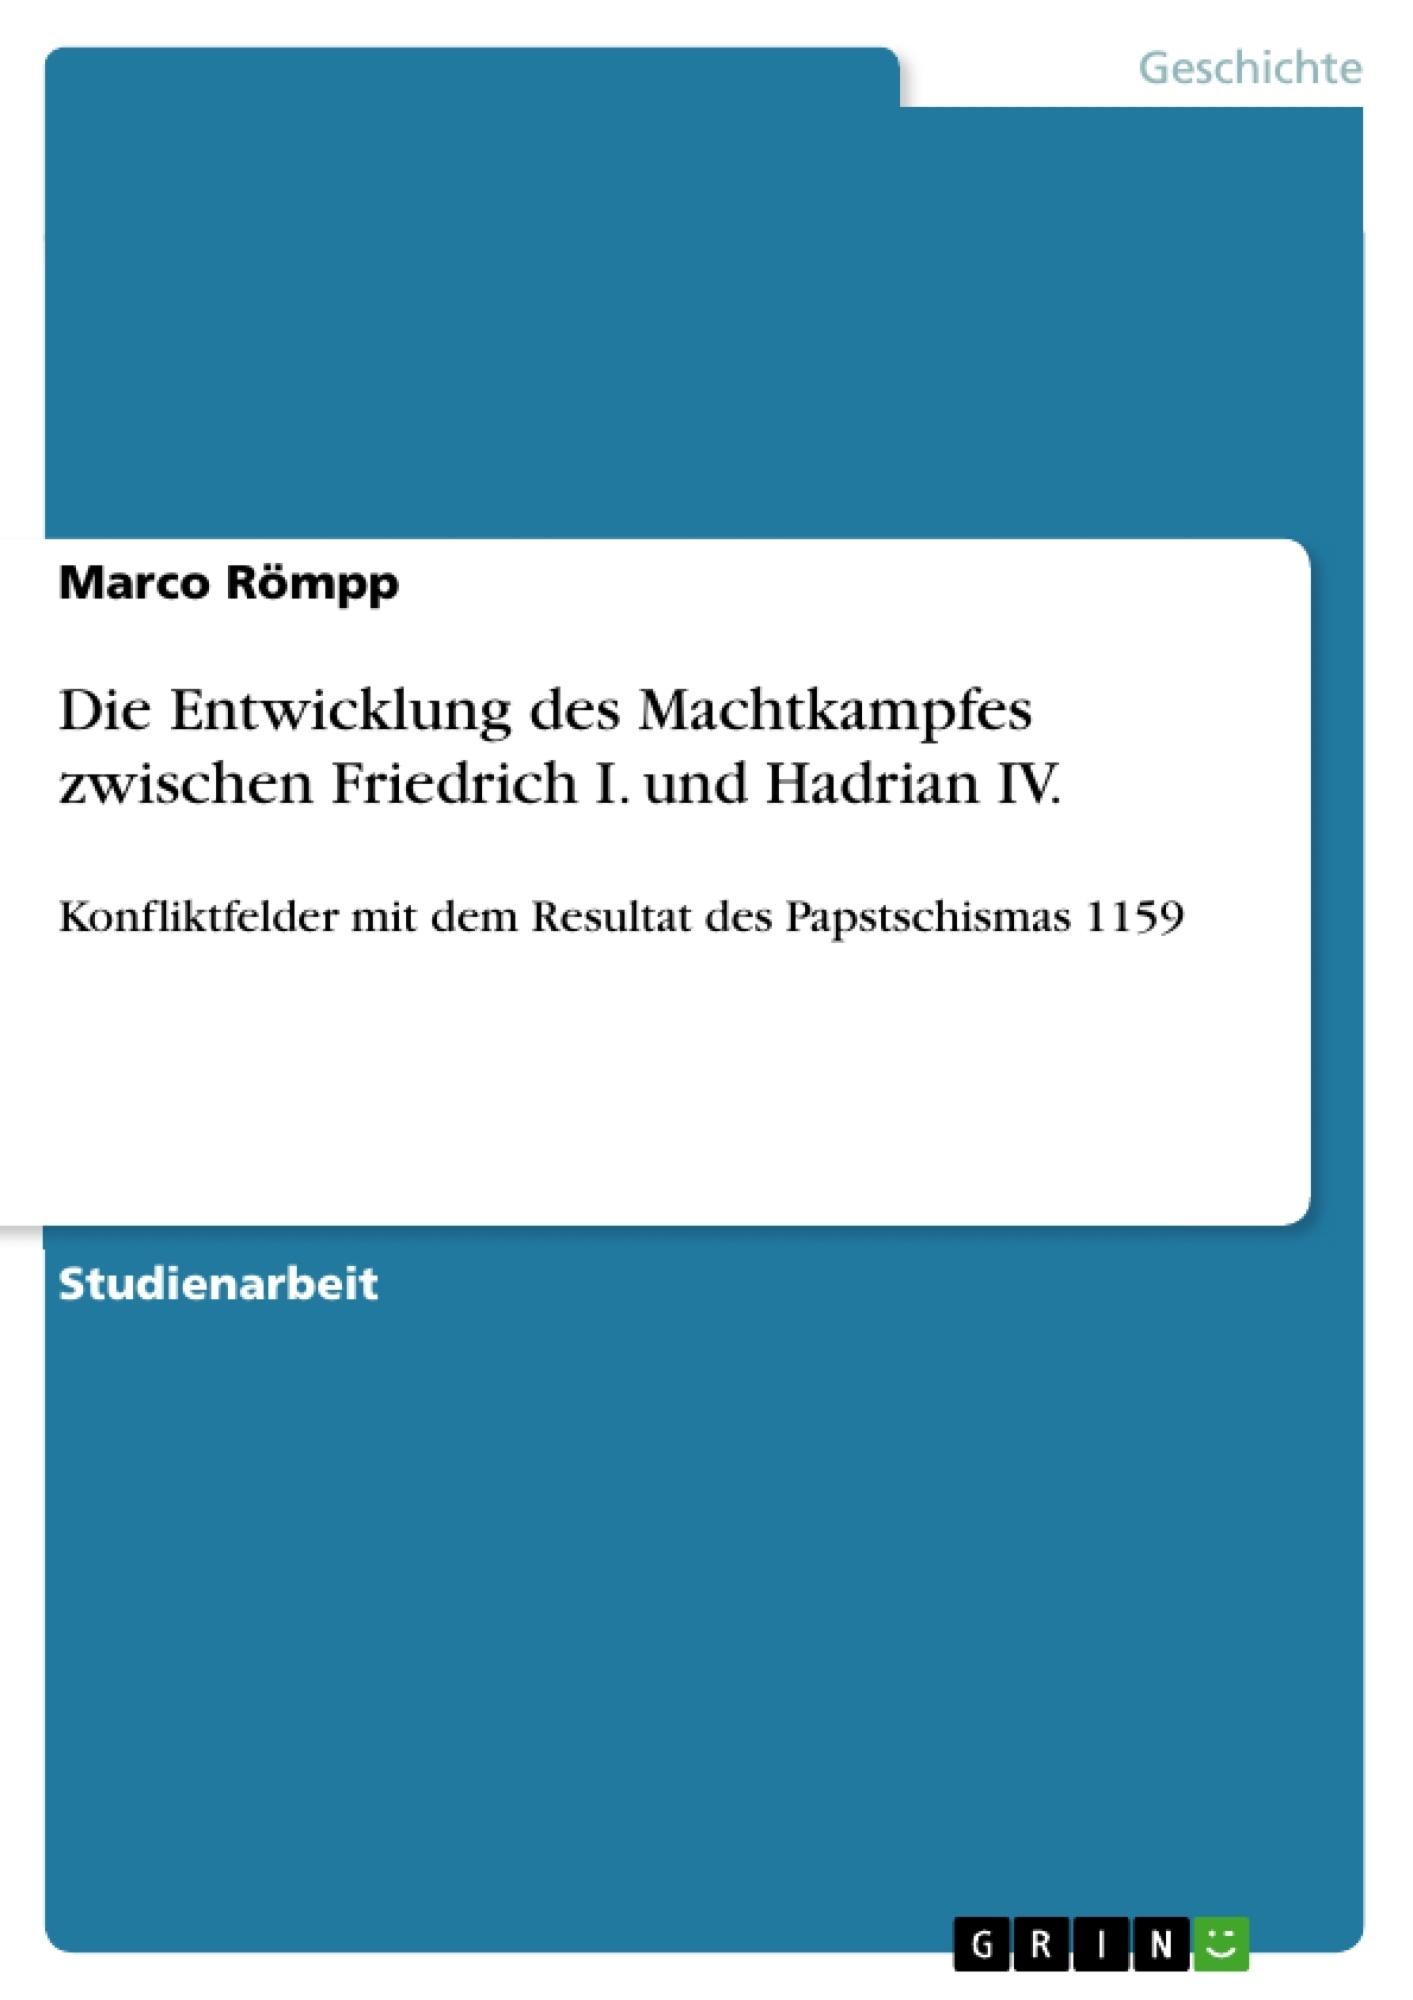 Titel: Die Entwicklung des Machtkampfes zwischen Friedrich I. und Hadrian IV.